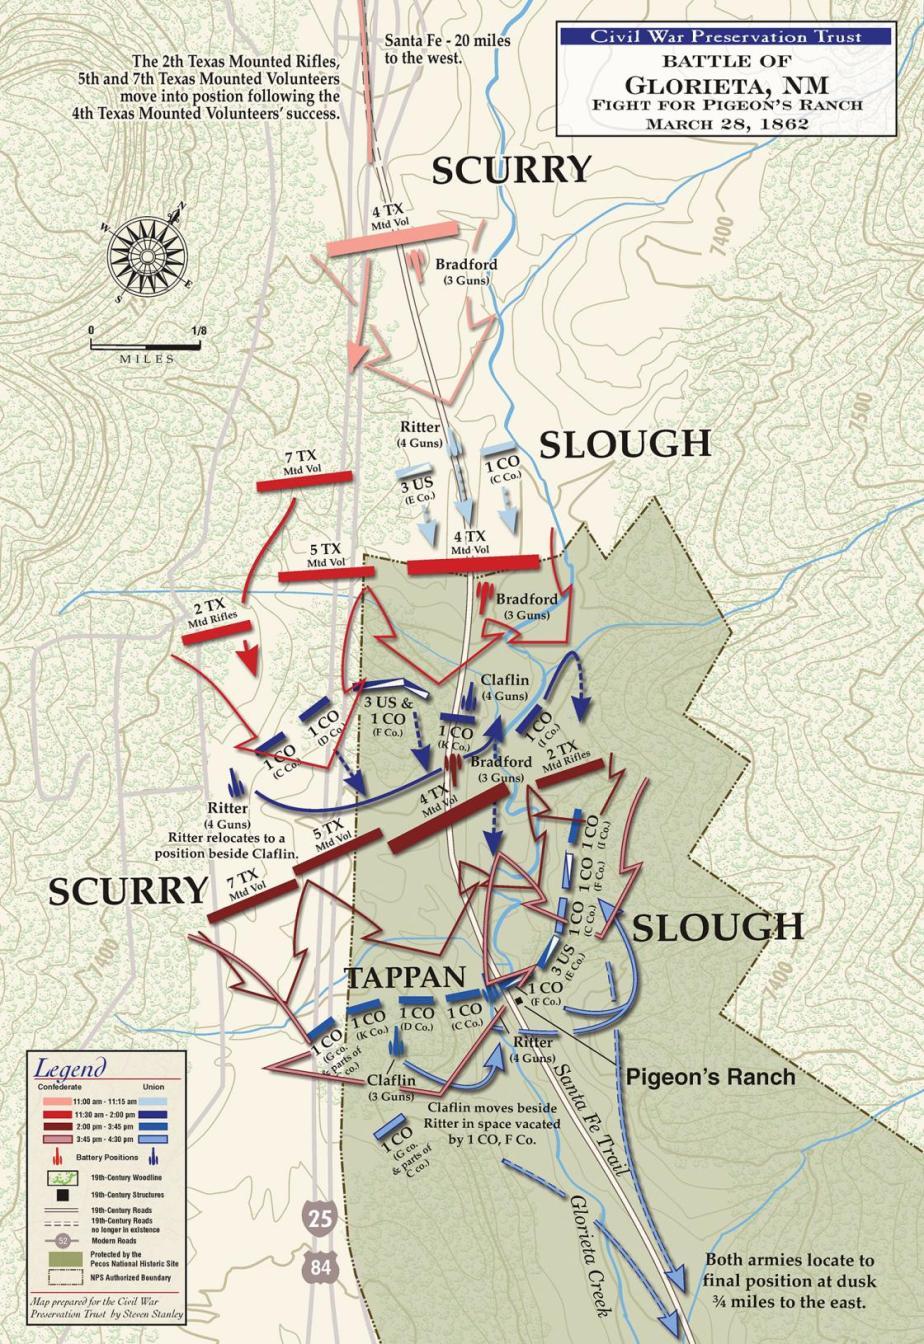 Glorieta Battlefield battle map at Pigeon's Ranch